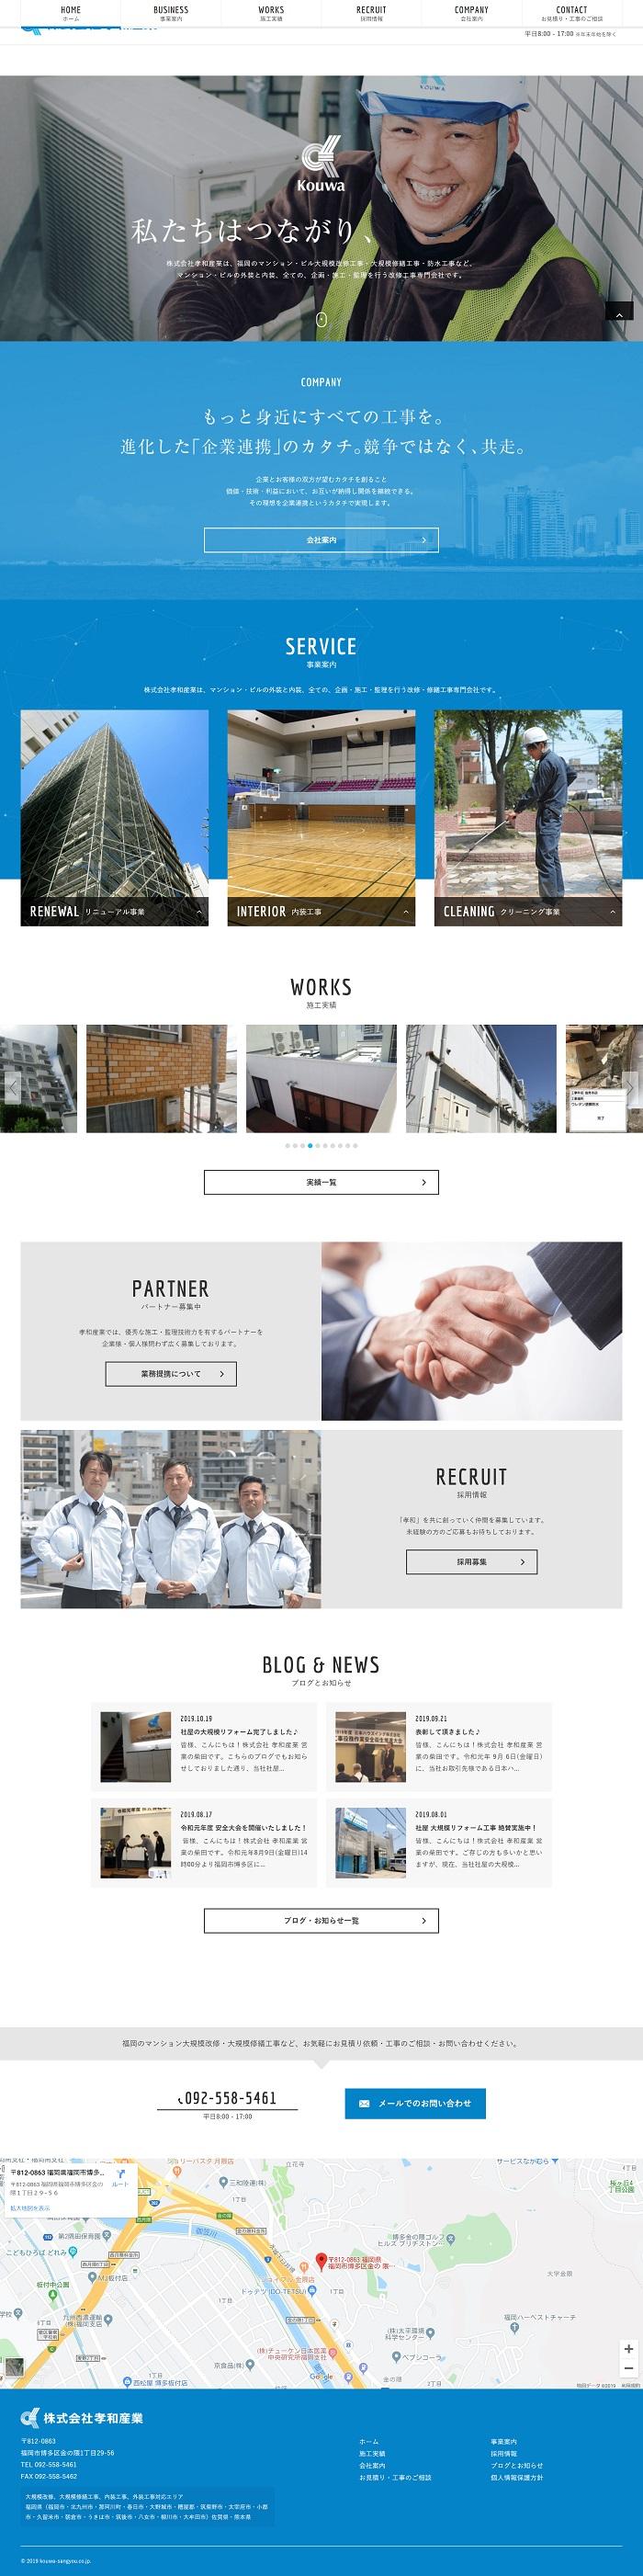 福岡のマンション・ビル大規模改修、修繕工事・内装外装『株式会社孝和産業』